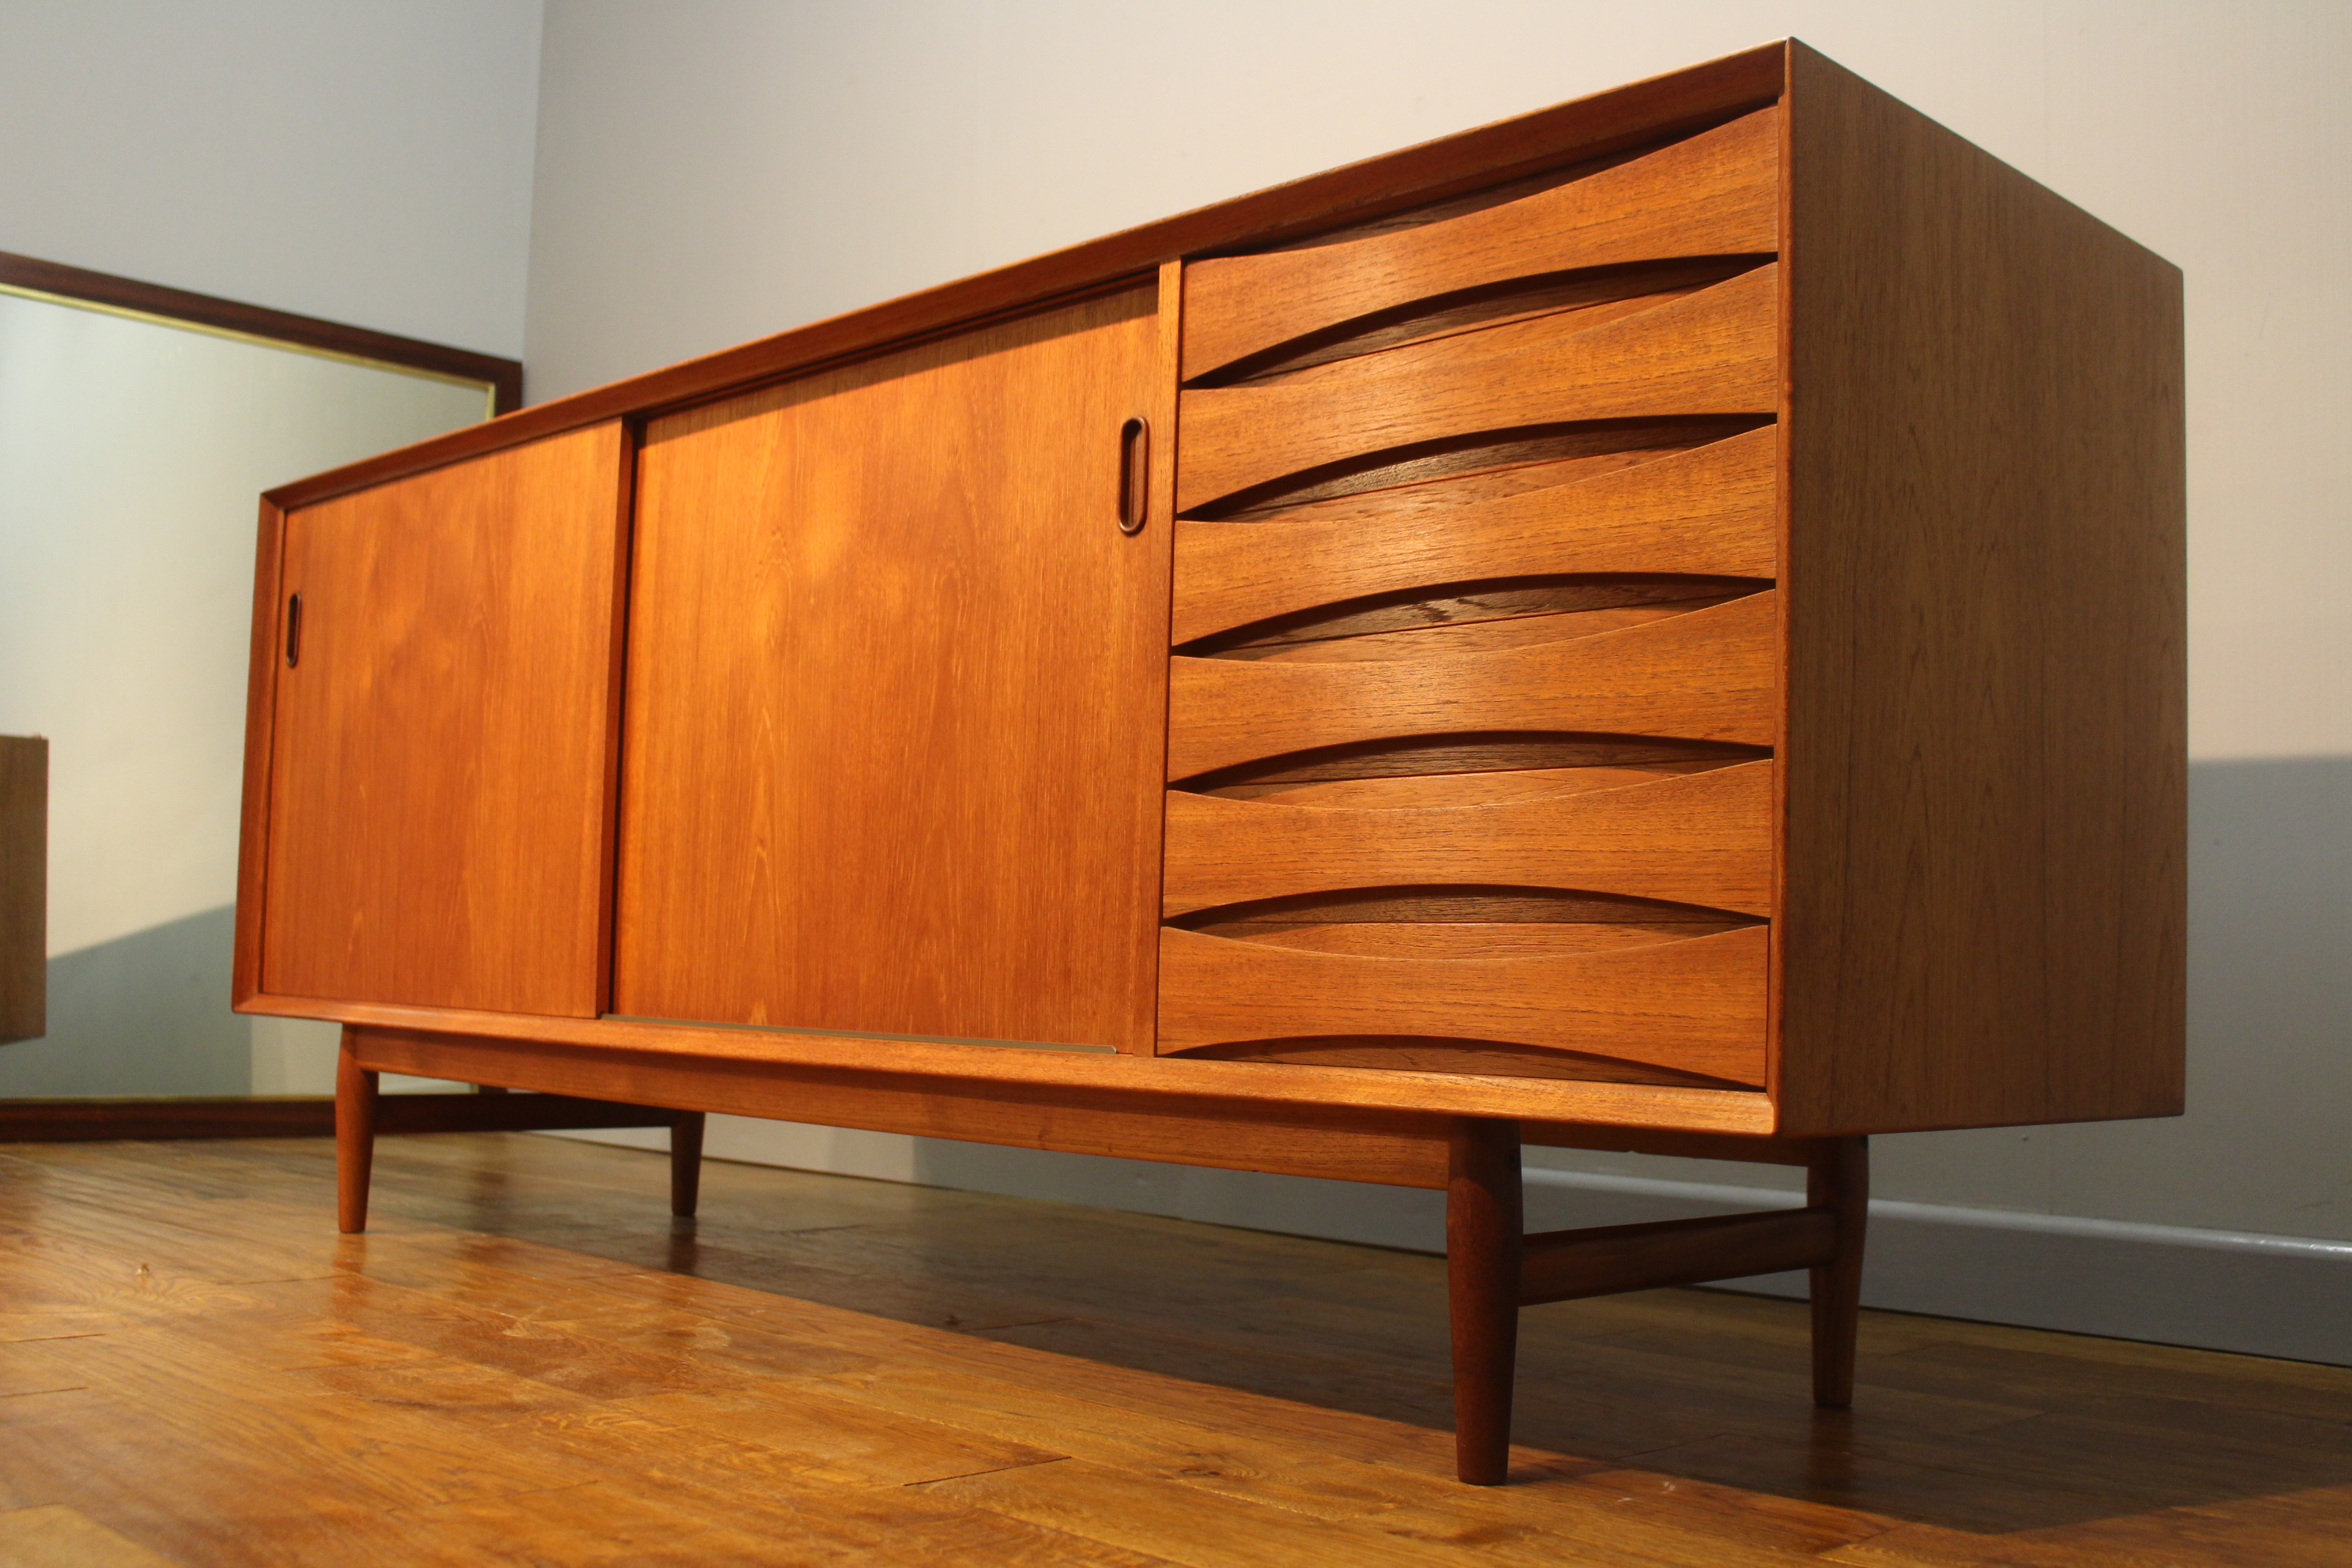 Arne vodder 39 sibast 39 teak sideboard pure imagination for Sideboard 50 cm